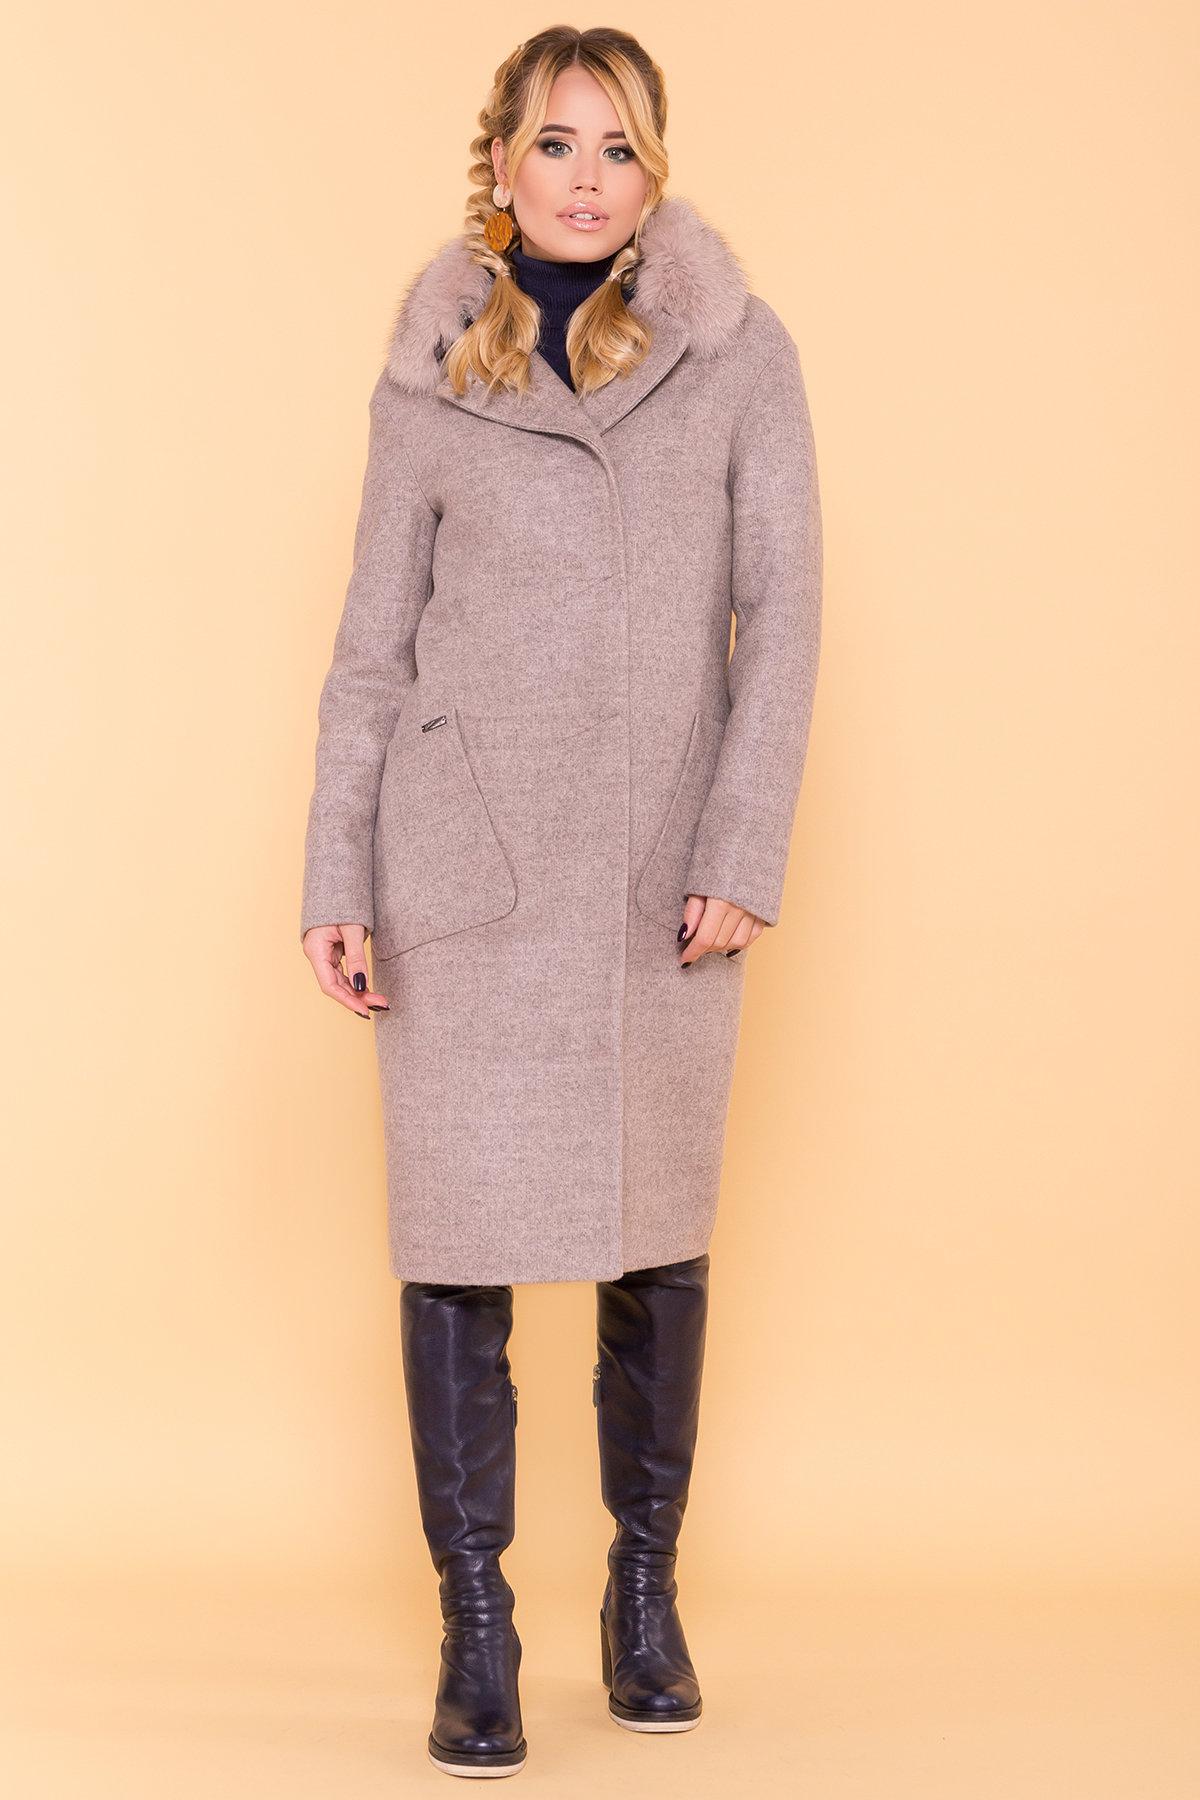 Зимнее пальто с натуральным песцом Анатес лайт 5570 АРТ. 38161 Цвет: Бежевый 31 - фото 4, интернет магазин tm-modus.ru